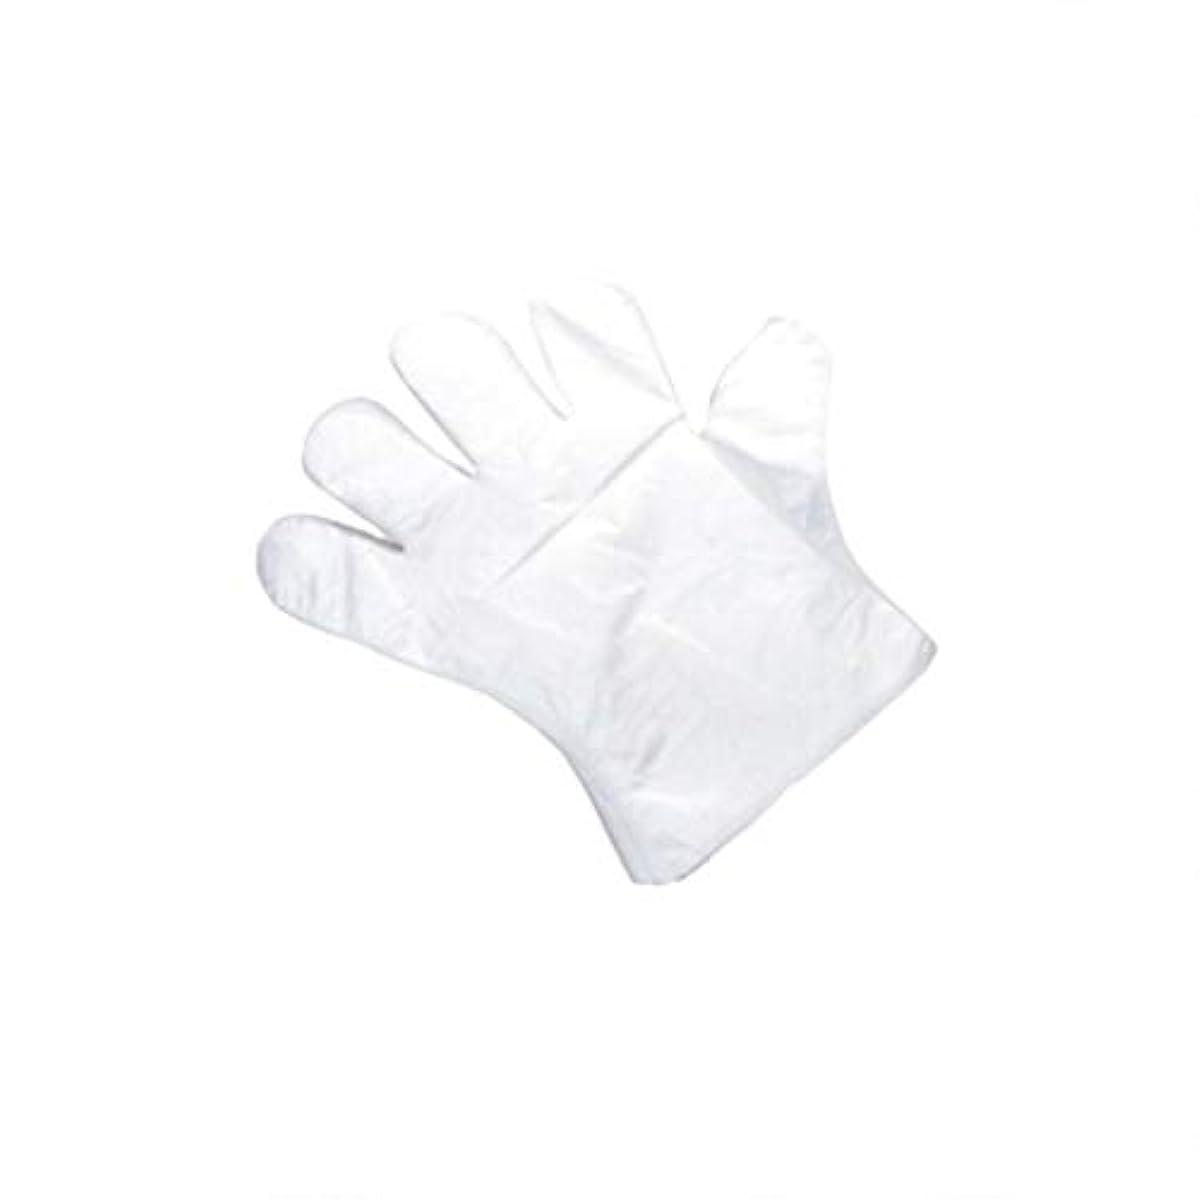 くるくるリネンチート手袋、使い捨て手袋、肥厚、抽出手袋、テーブル、ピクニック、100スーツ。